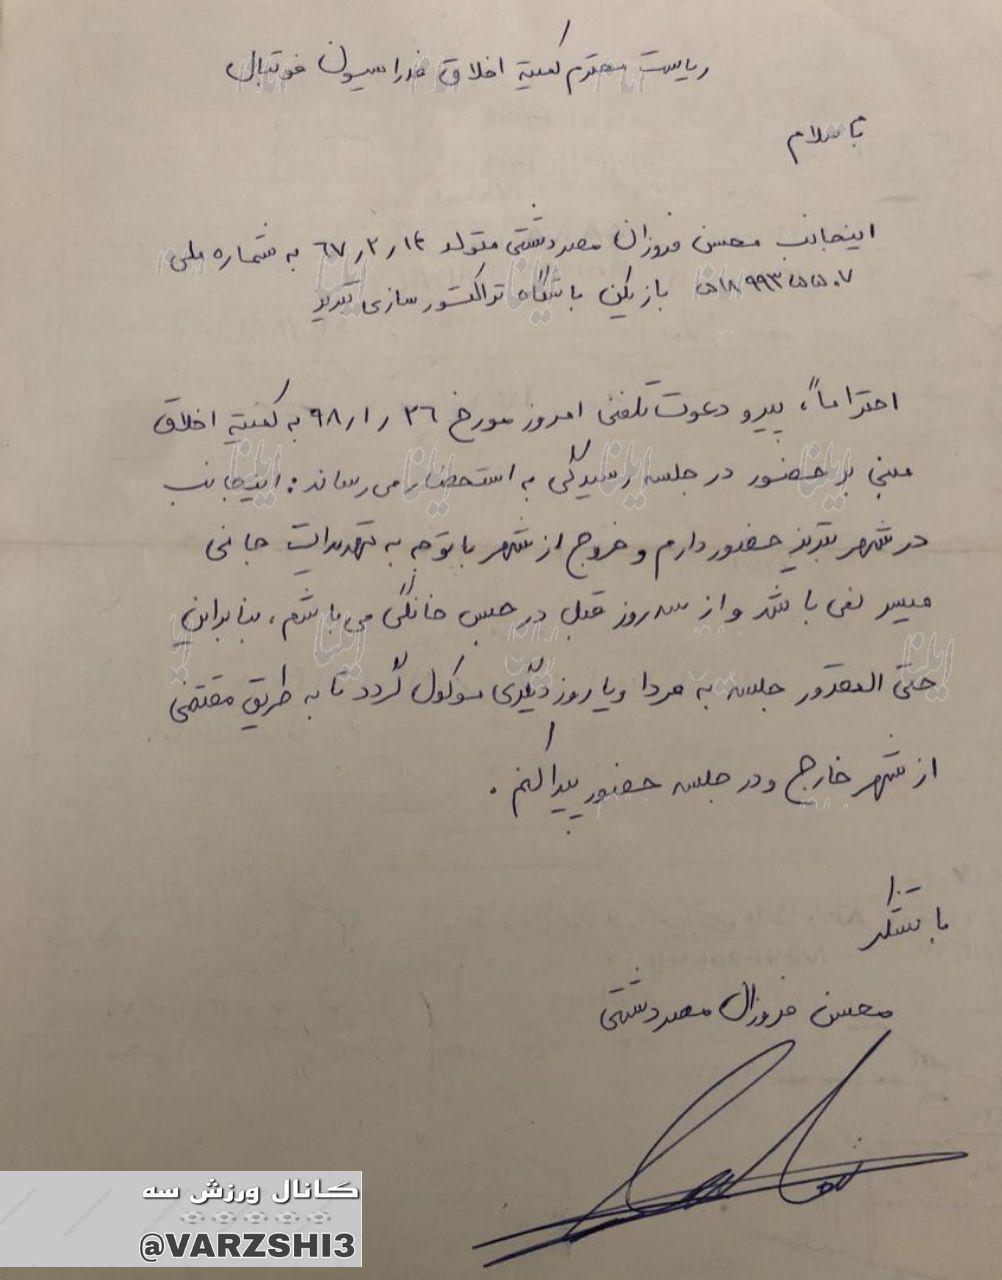 نامه فروزان به کمیته اخلاق: به دلیل تهدیدات جانی نمیتوانم از منزل خارج شوم